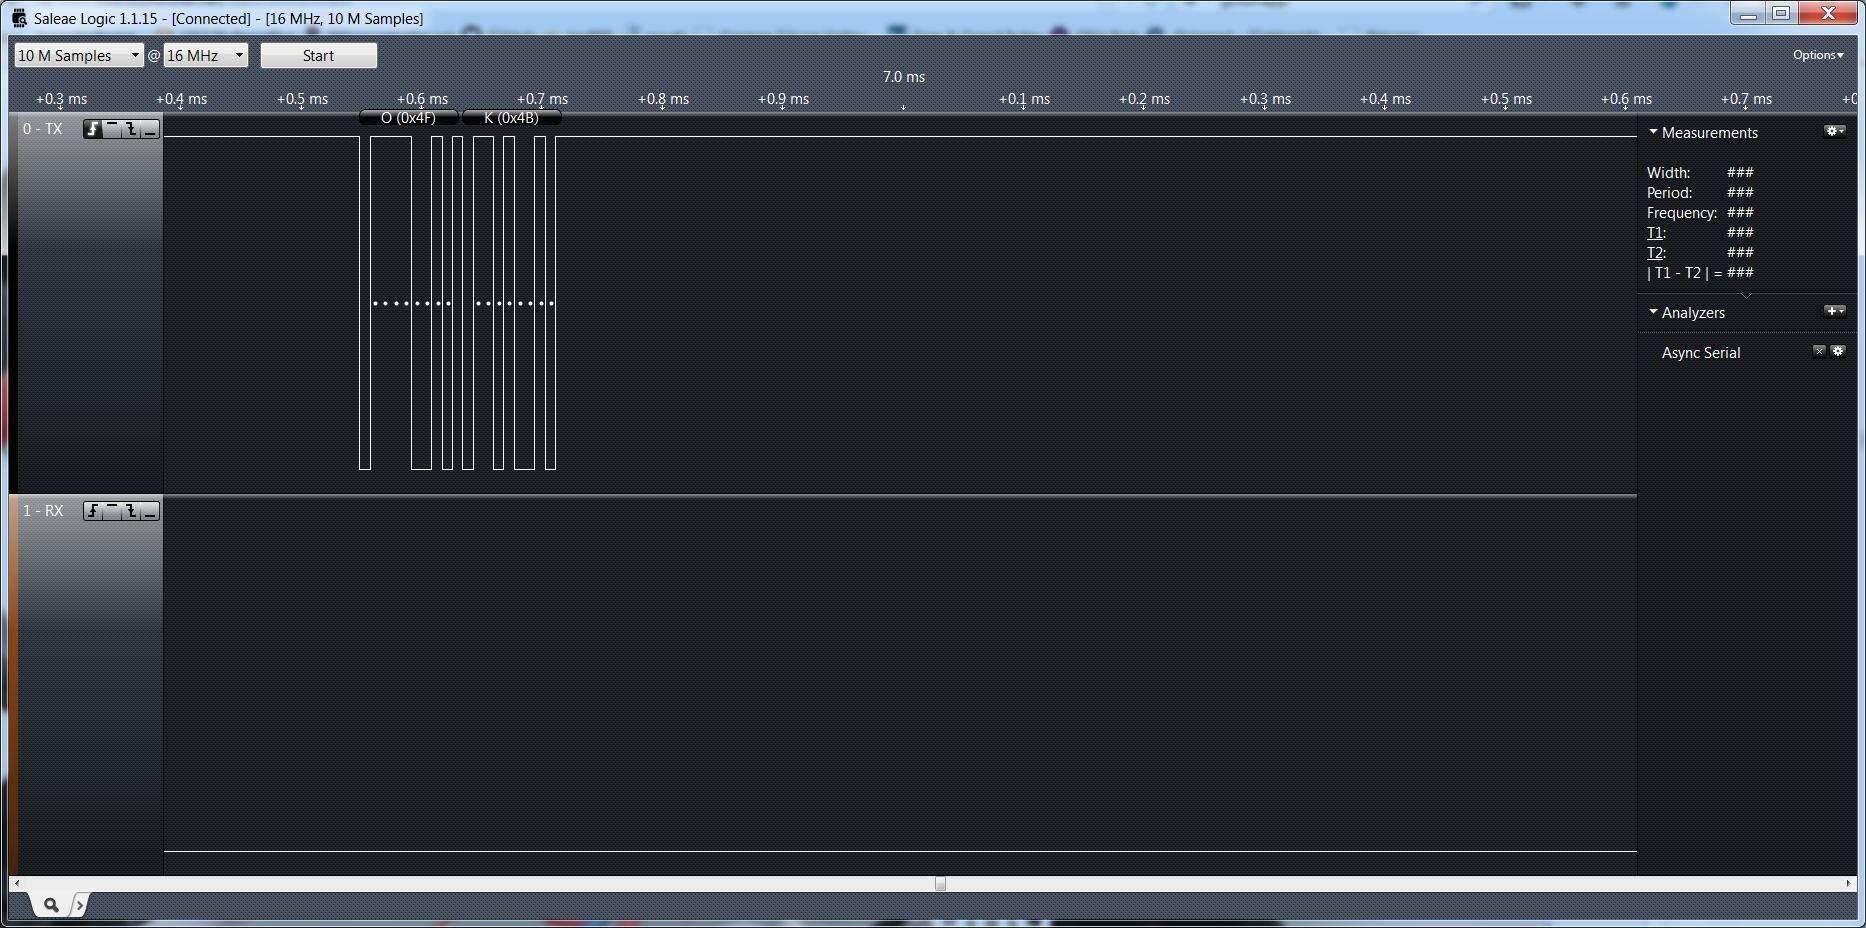 Hackbarer 21 Eur Quadcopter 33 Vhdl Example 18 4bit Binarytobcd Converter Logic Youtube Ok